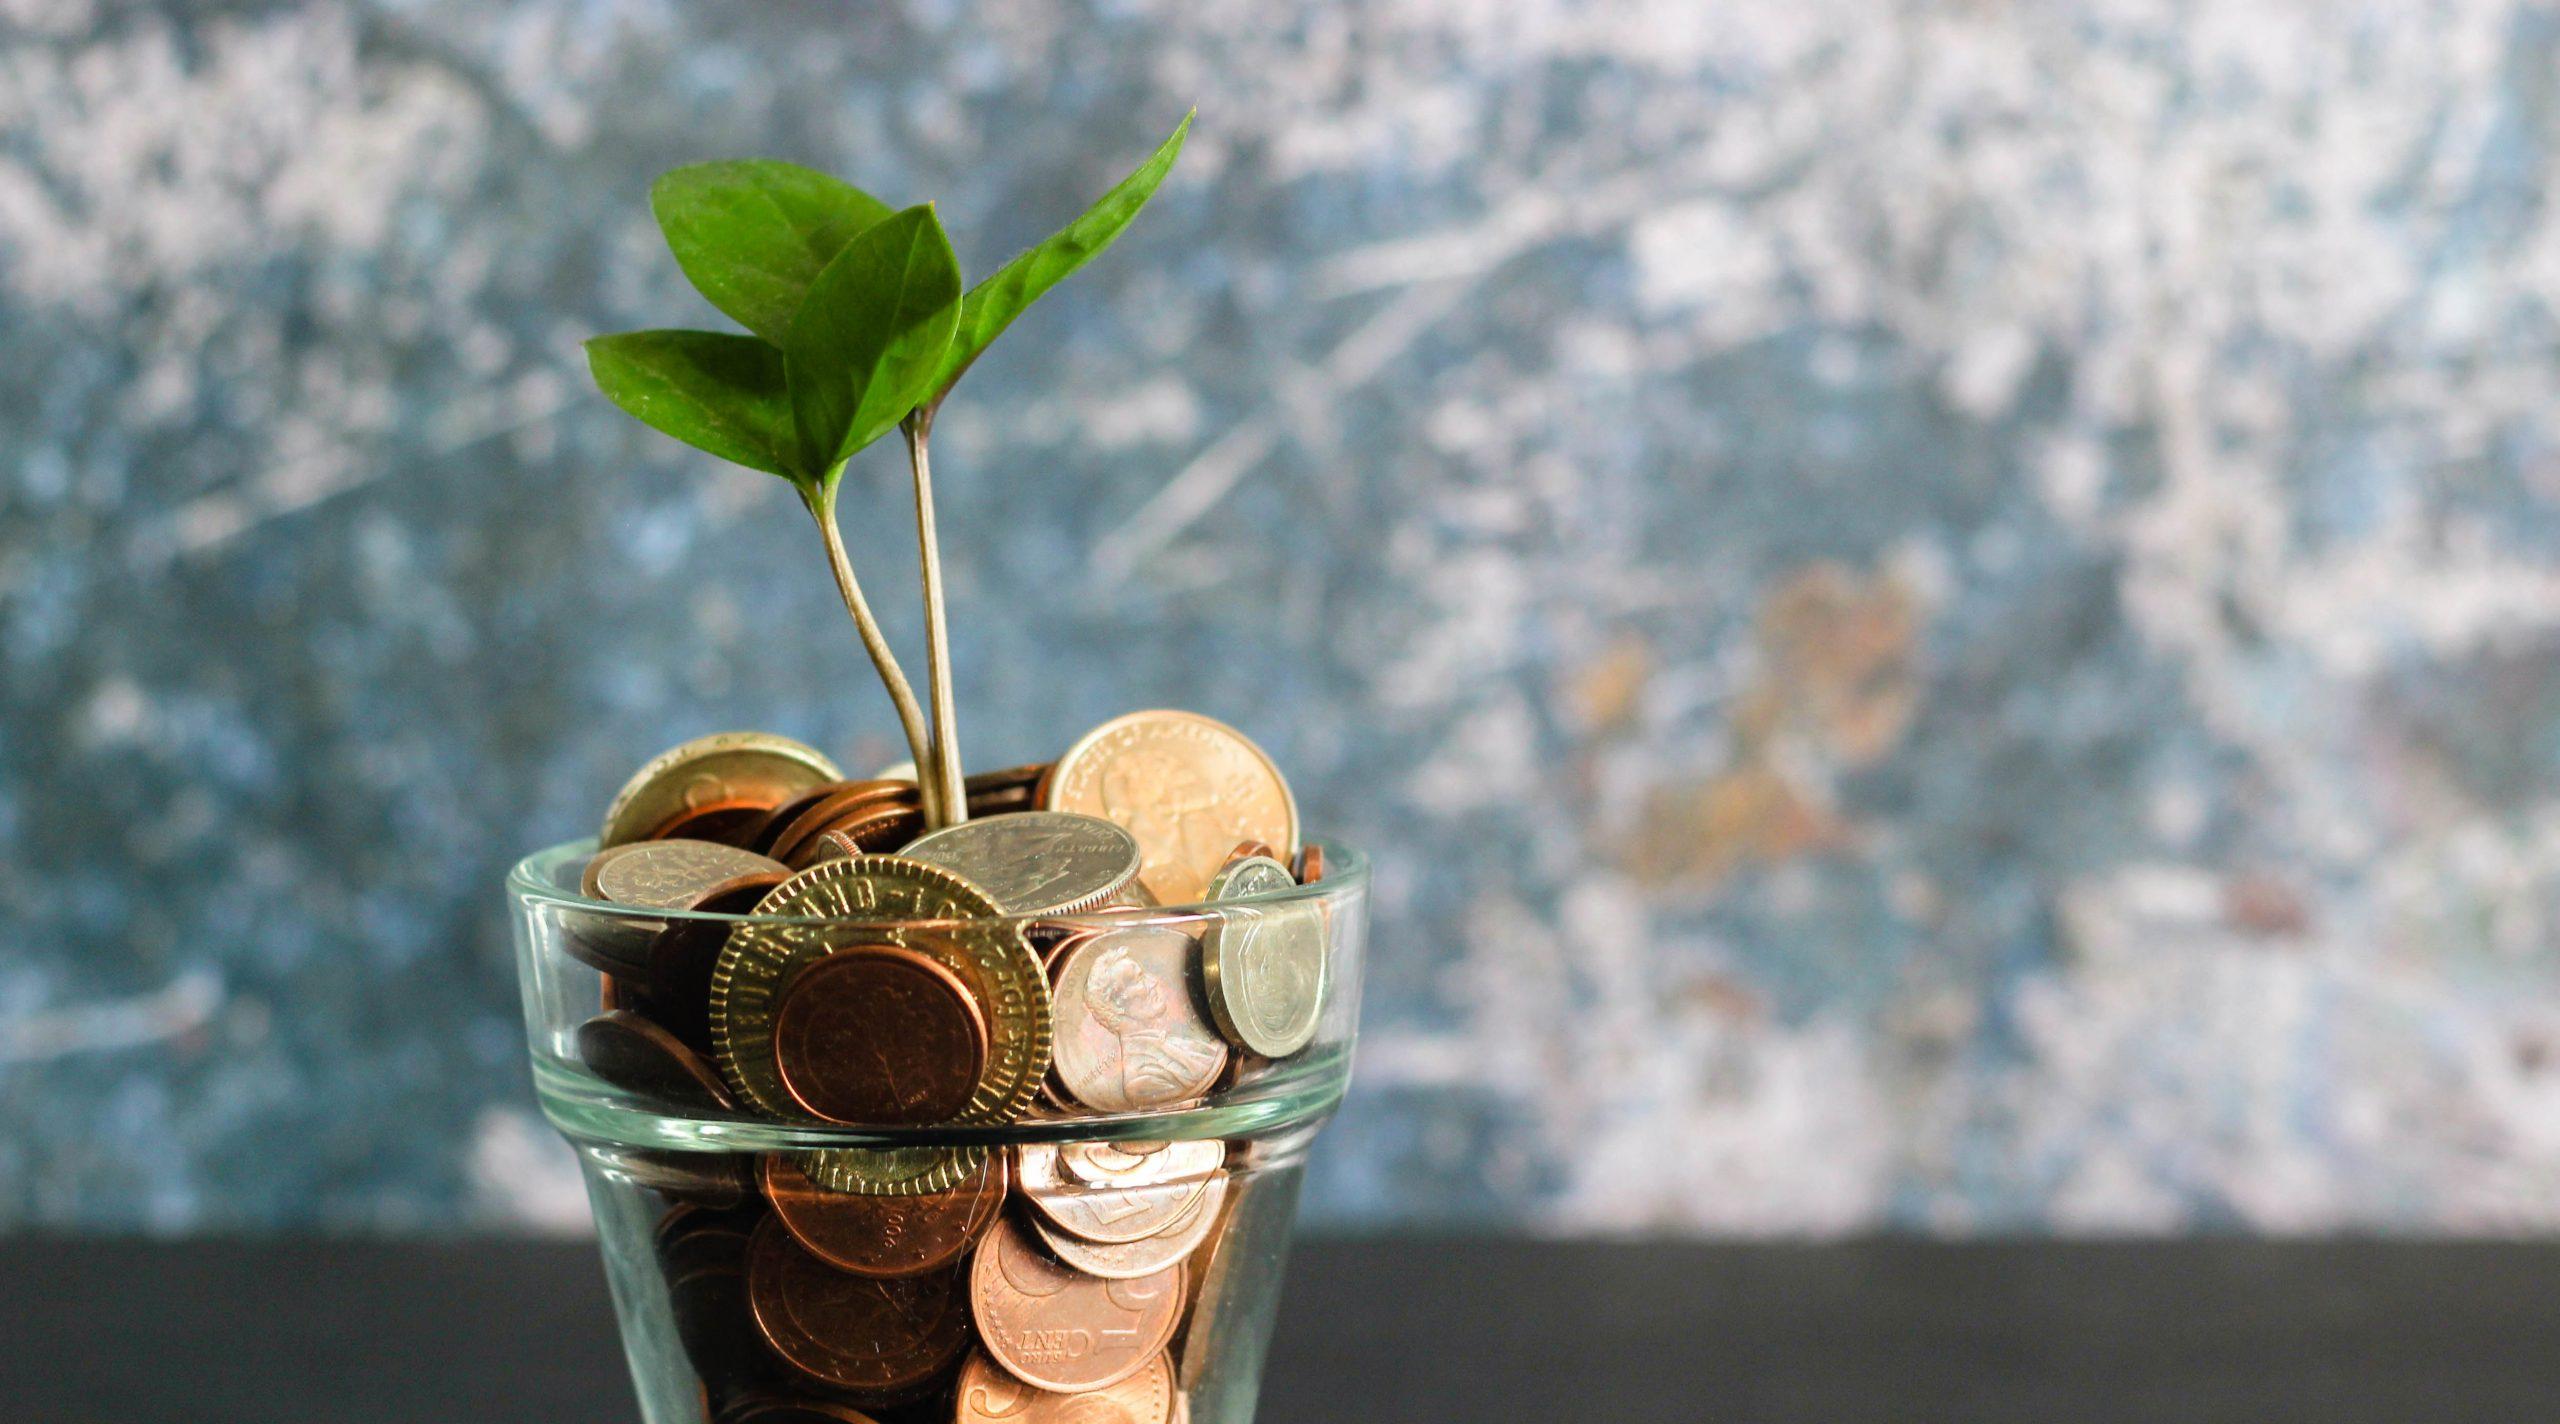 Beleggen in dividendaandelen: de voor- en nadelen